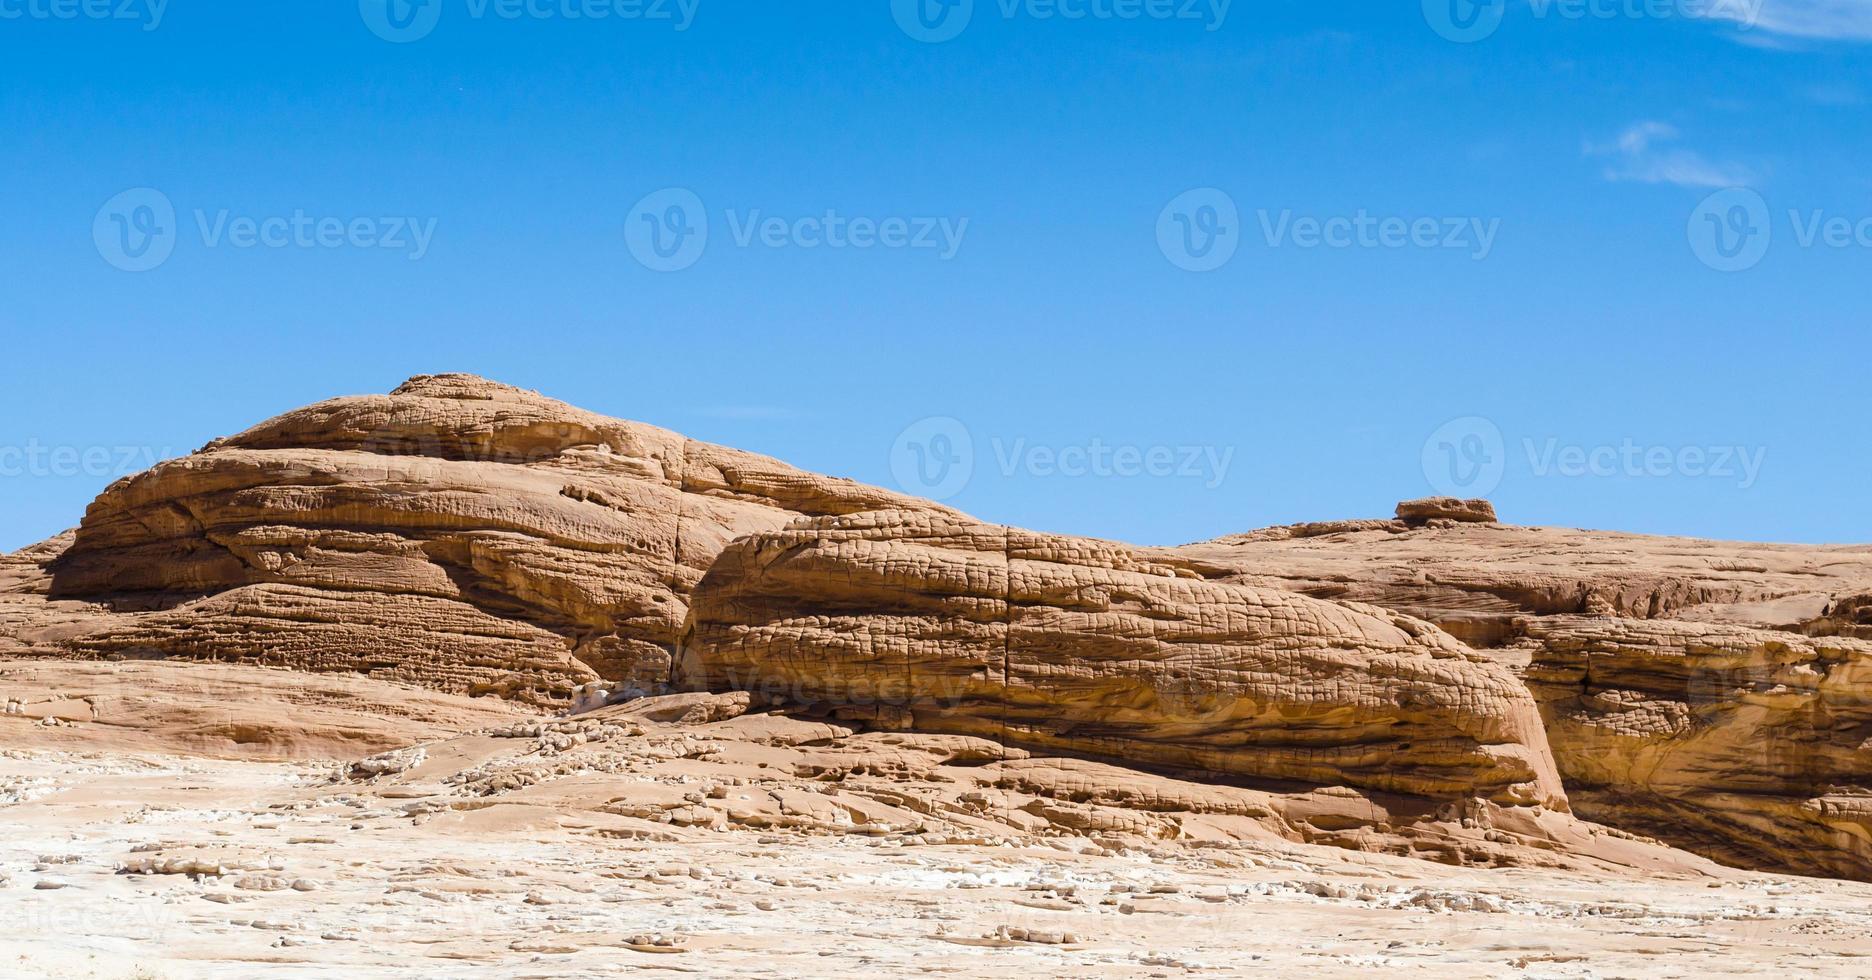 rotsachtige heuvels in de woestijn foto